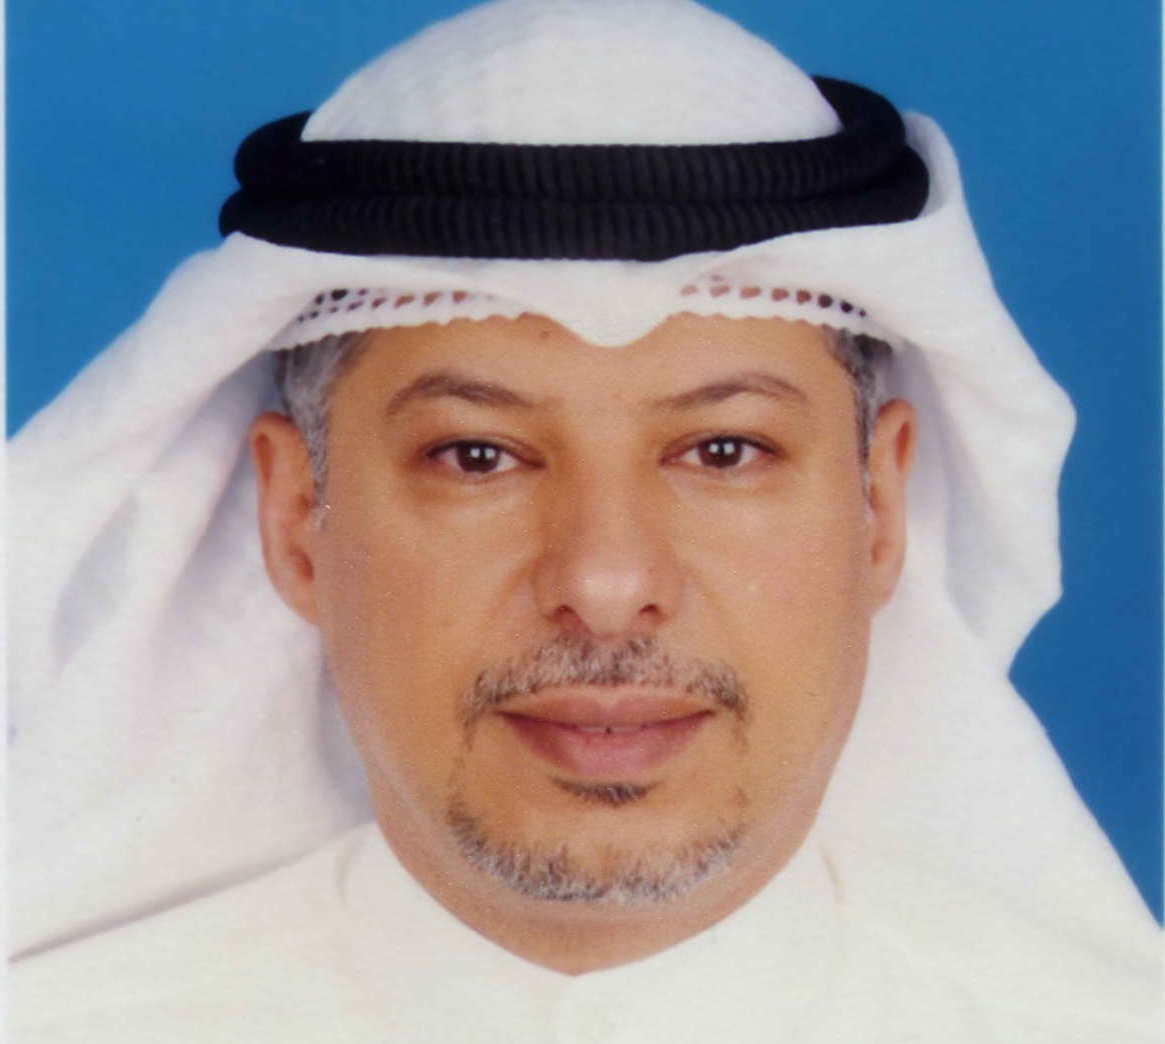 د. عبد الله العجيل رئيس لجنة الدعوة الإلكترونية